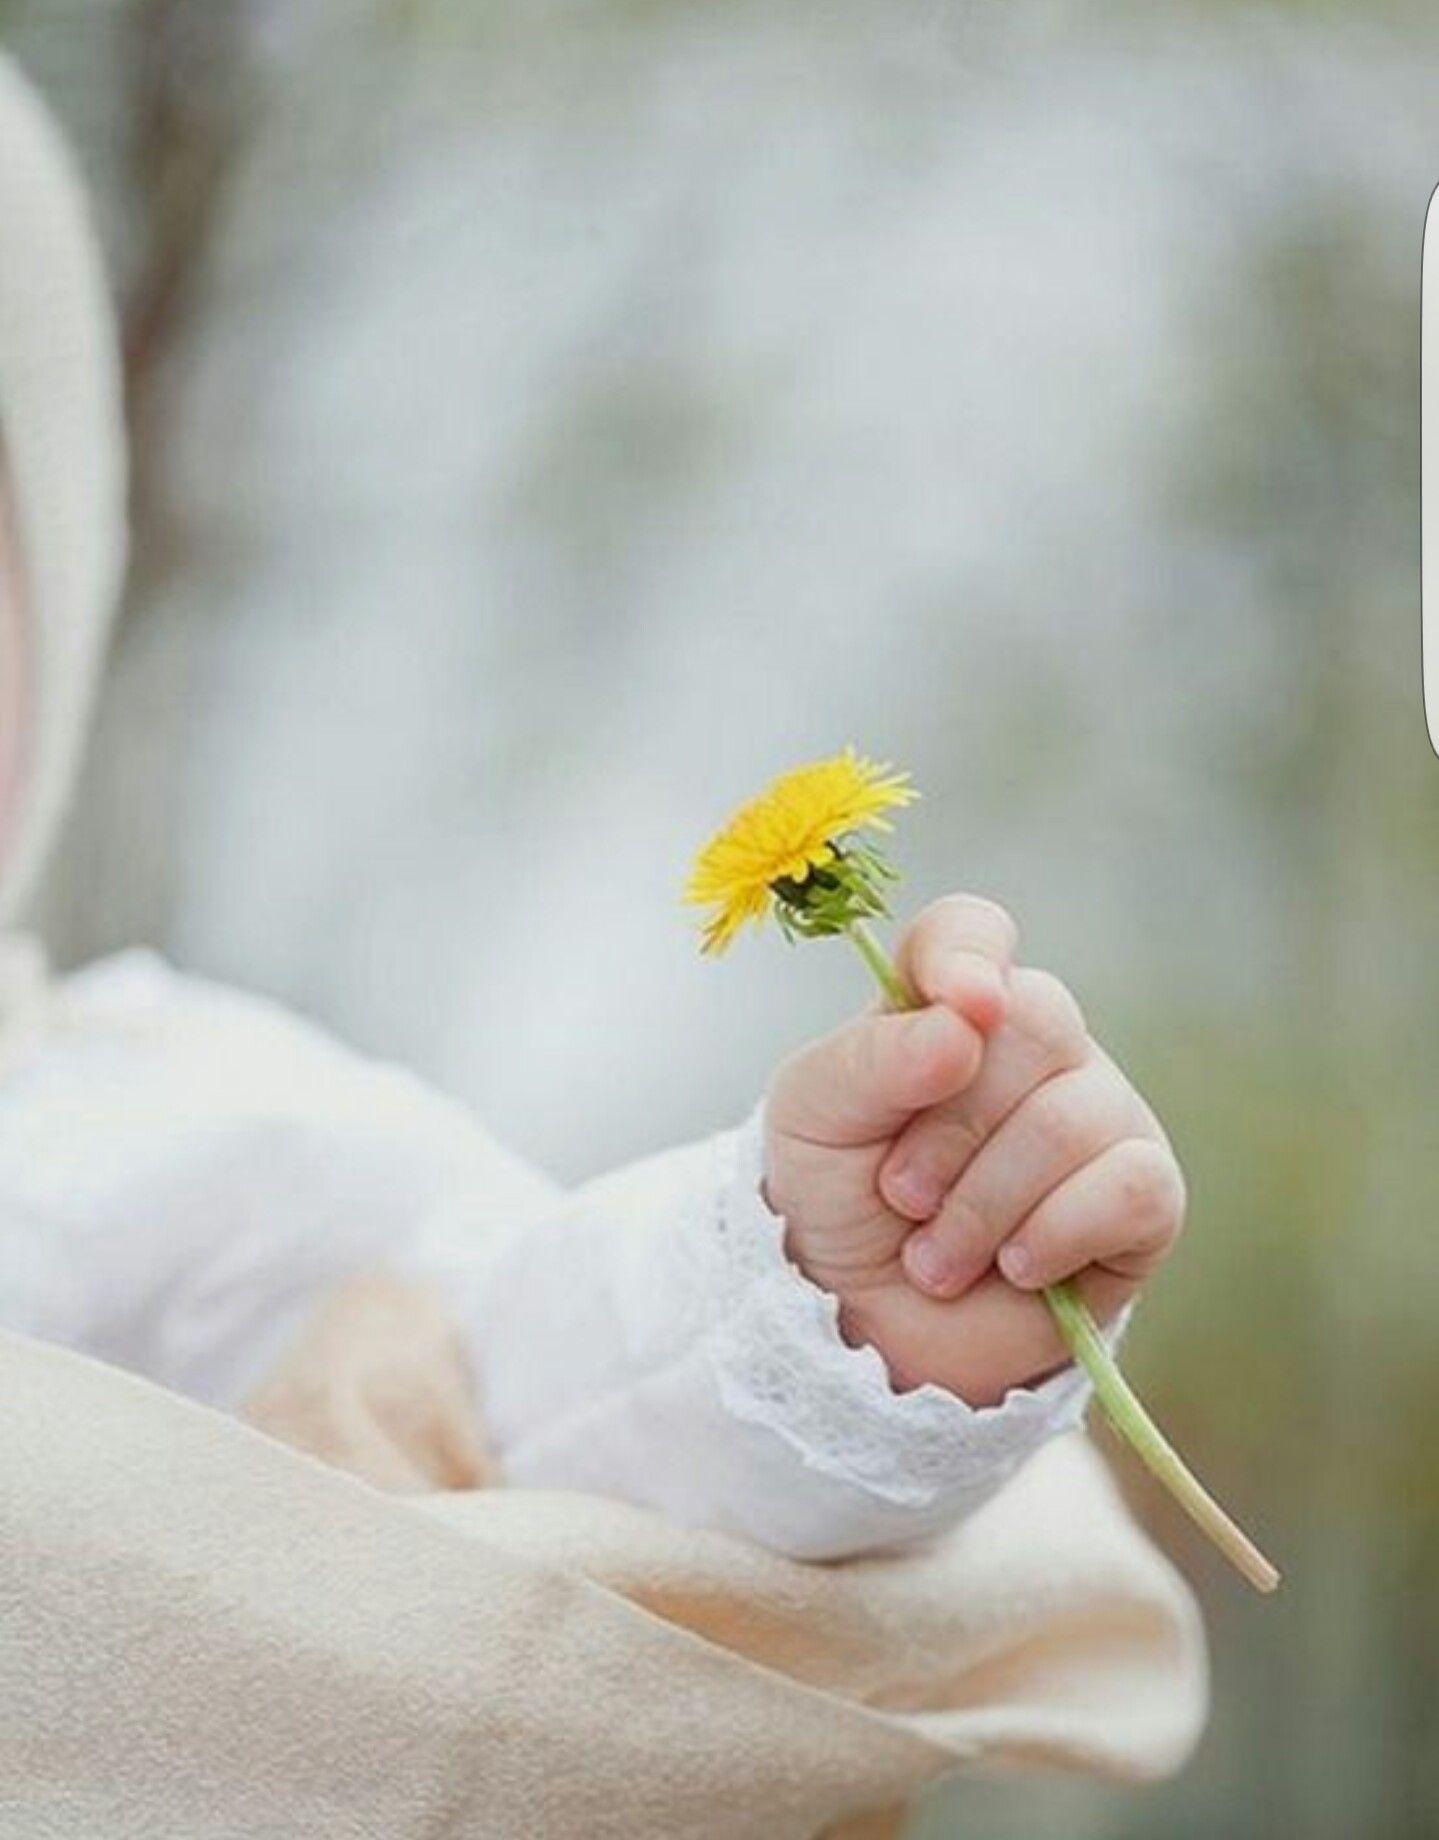 Картинки цветы дети руки